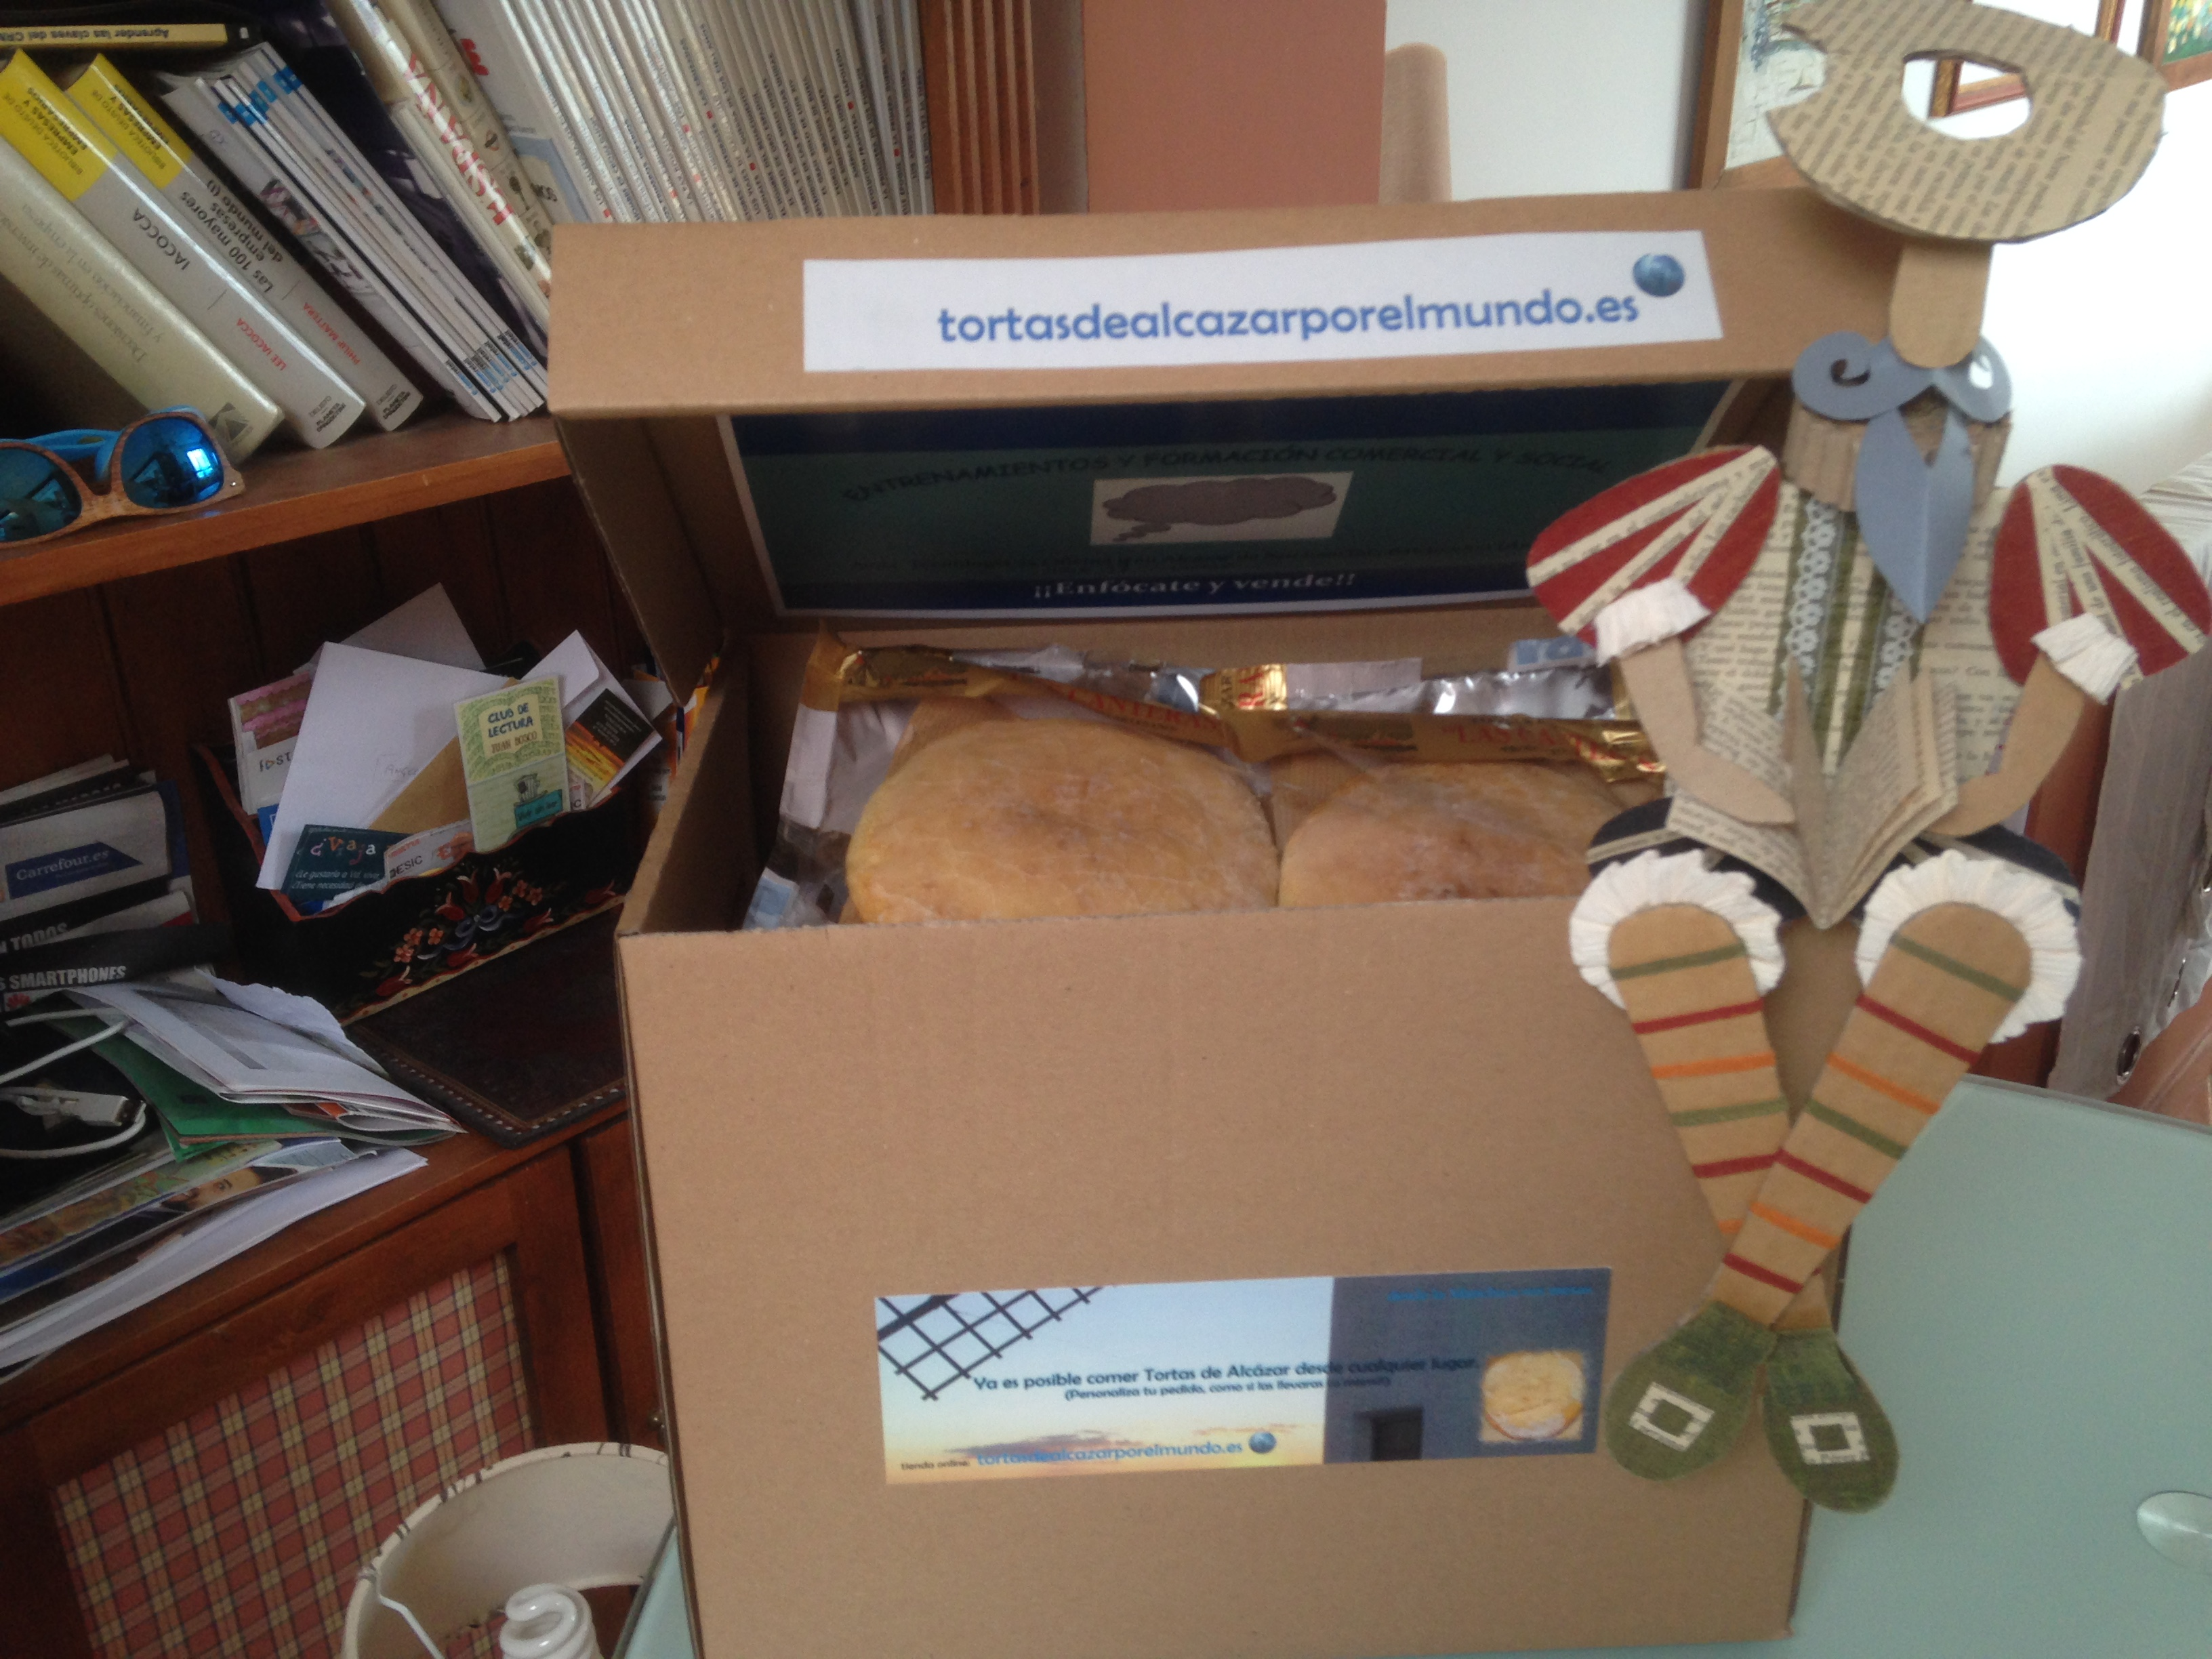 caja con tortas las canteras y Don Quijote o Hidalgo